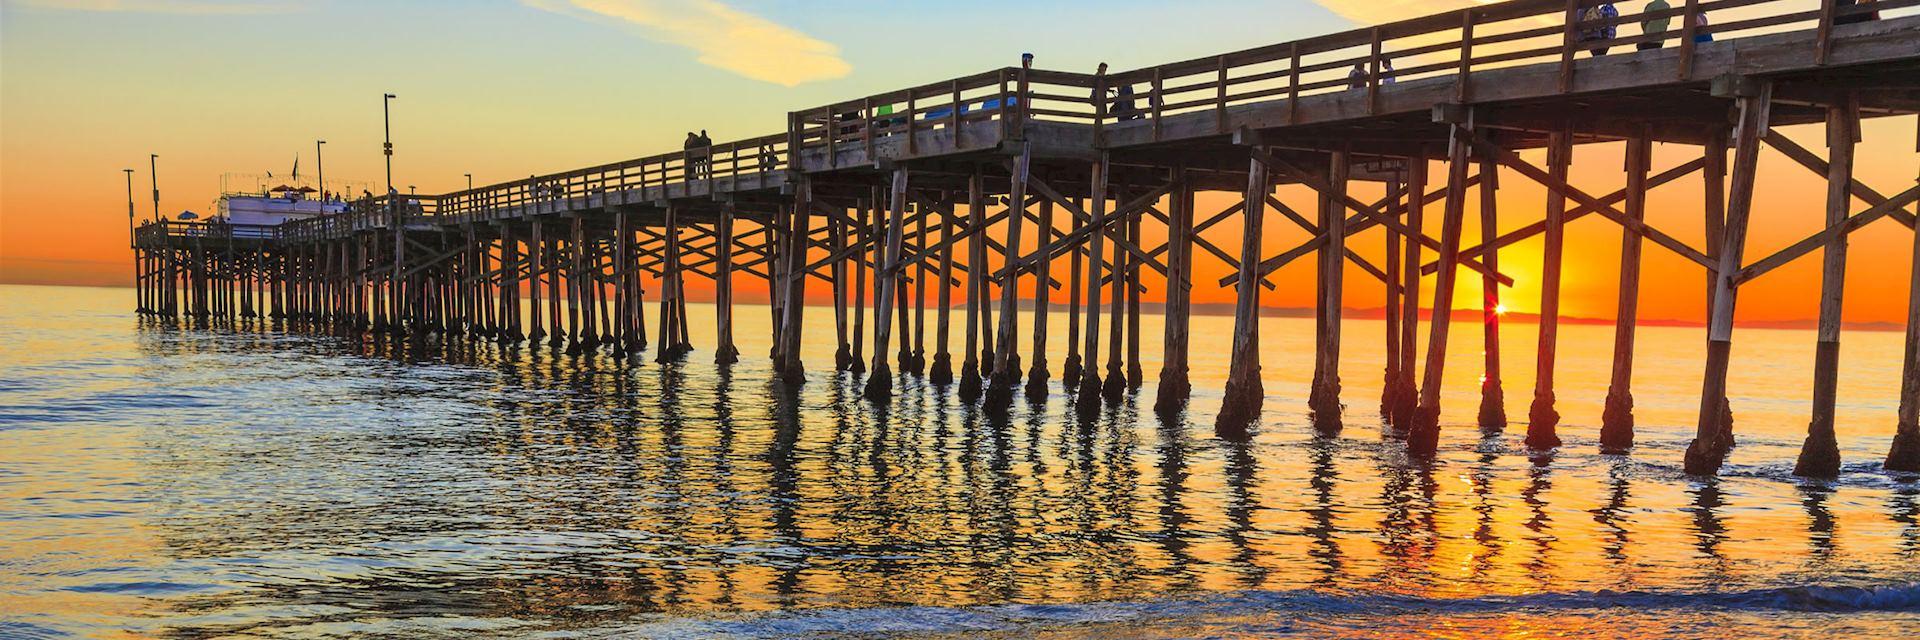 Balboa Pier in Orange County, California